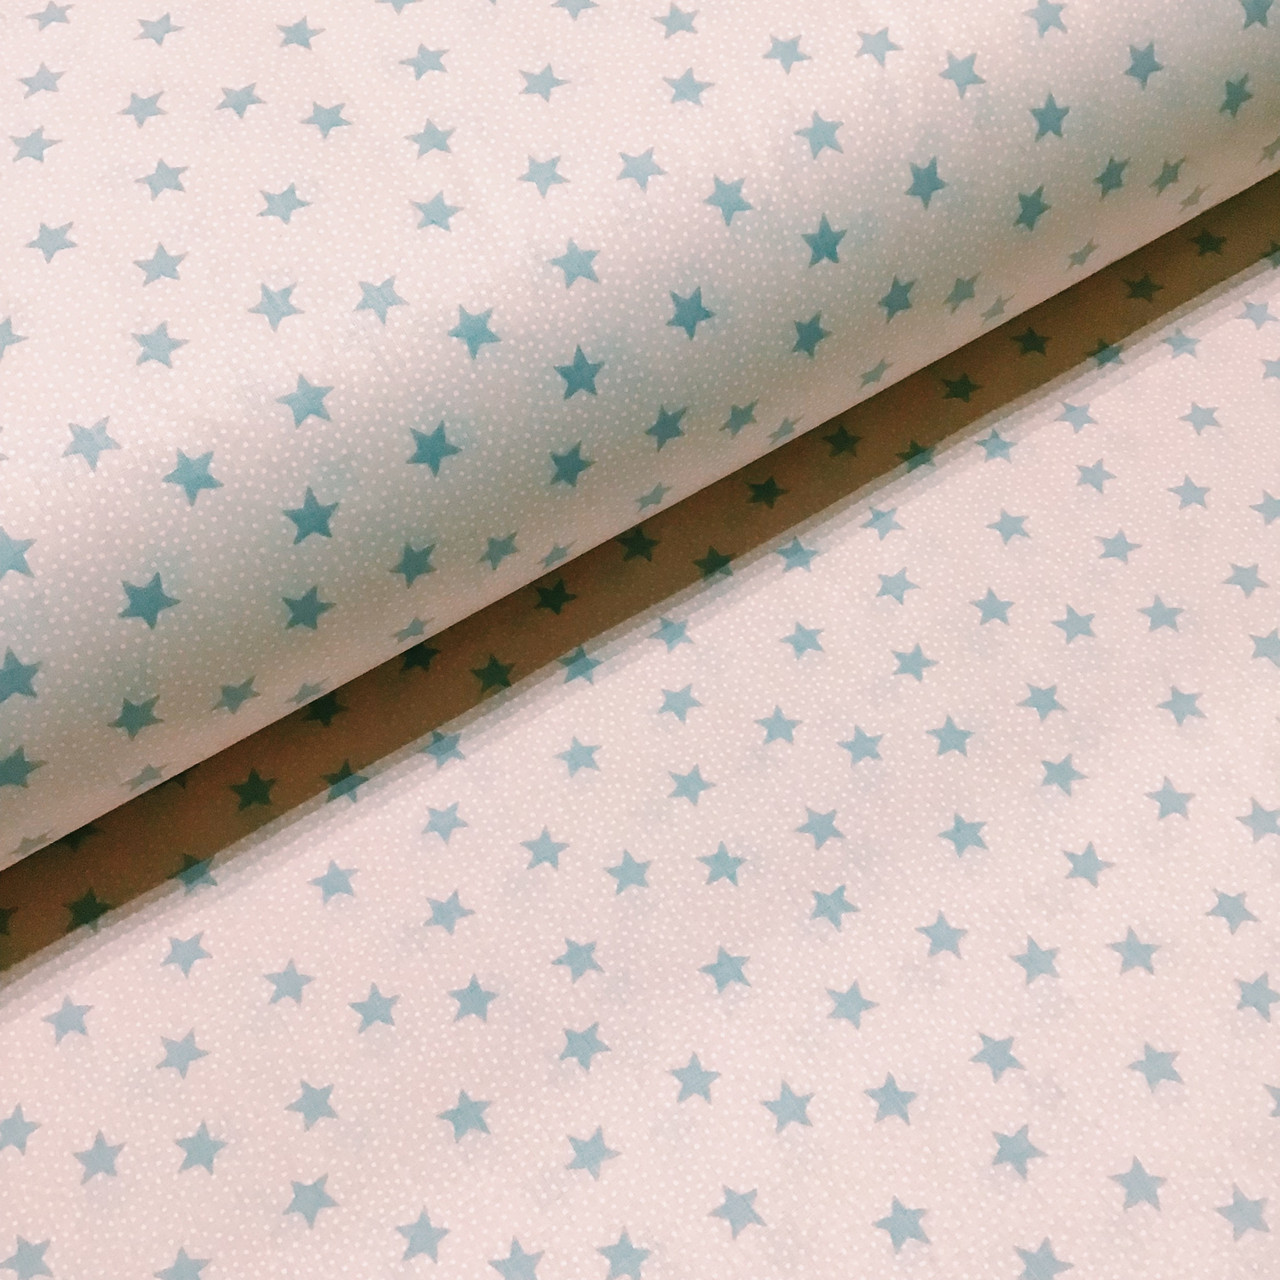 Ткань поплин серые звездочки на пудровом (ТУРЦИЯ шир. 2,4 м) №34-136